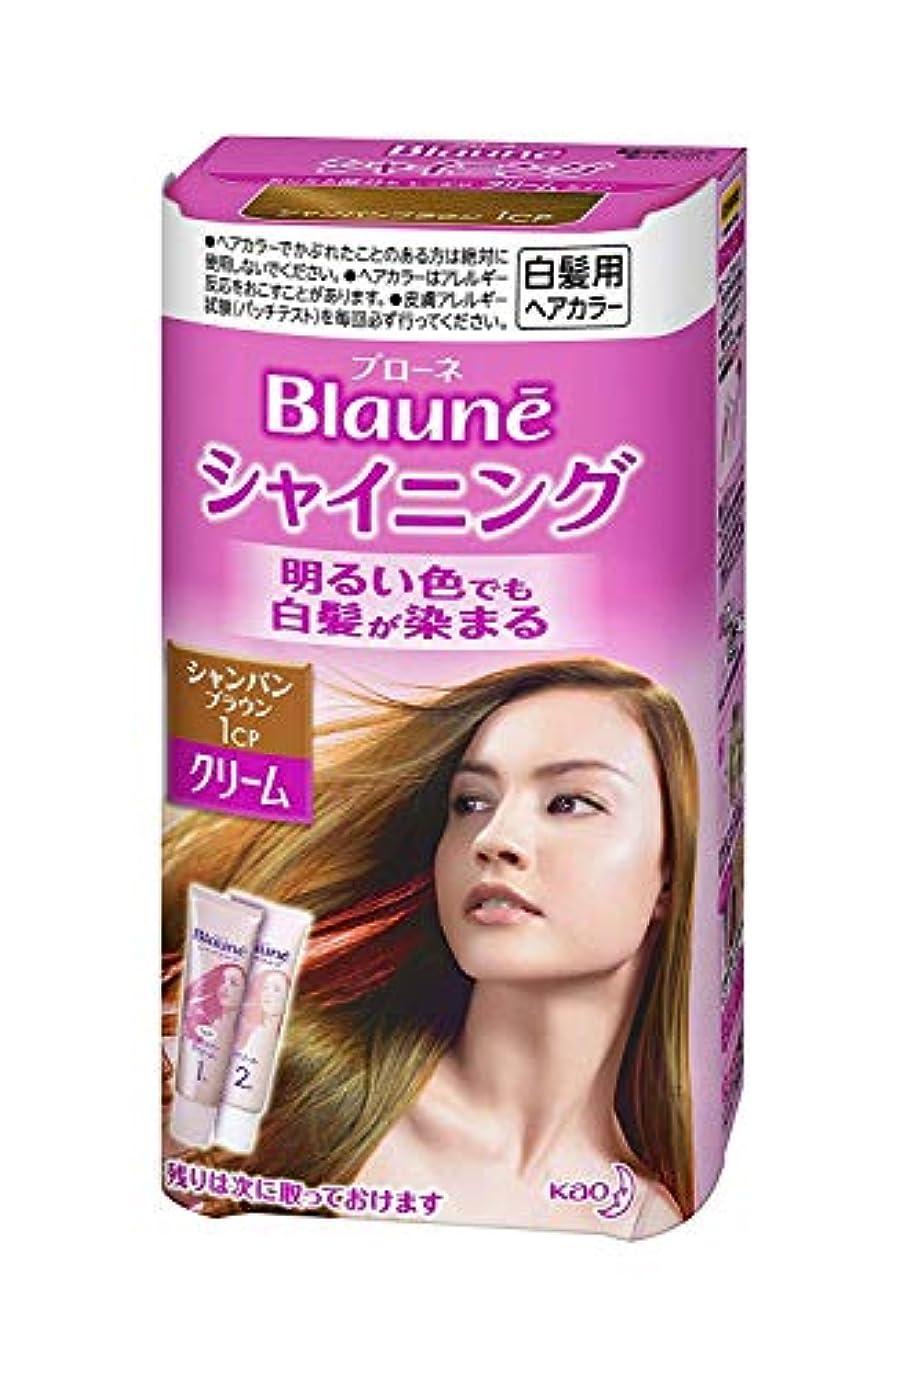 ピュー実現可能増強【花王】ブローネ シャイニングヘアカラークリーム1CP シャンパンブラウン ×20個セット